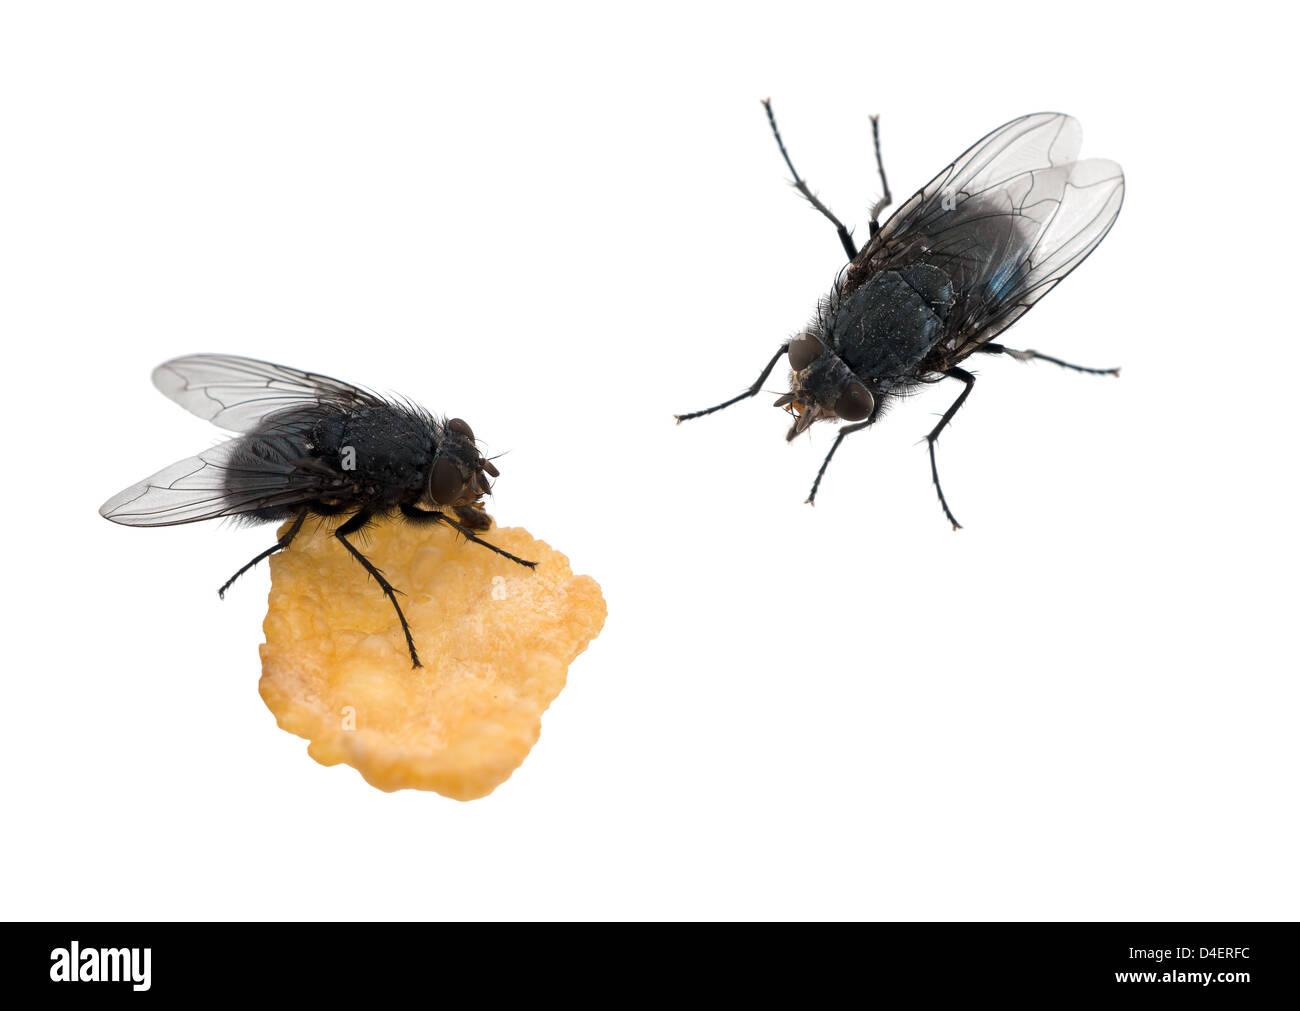 Fliegen über weiß - ein Essen isoliert Stockbild